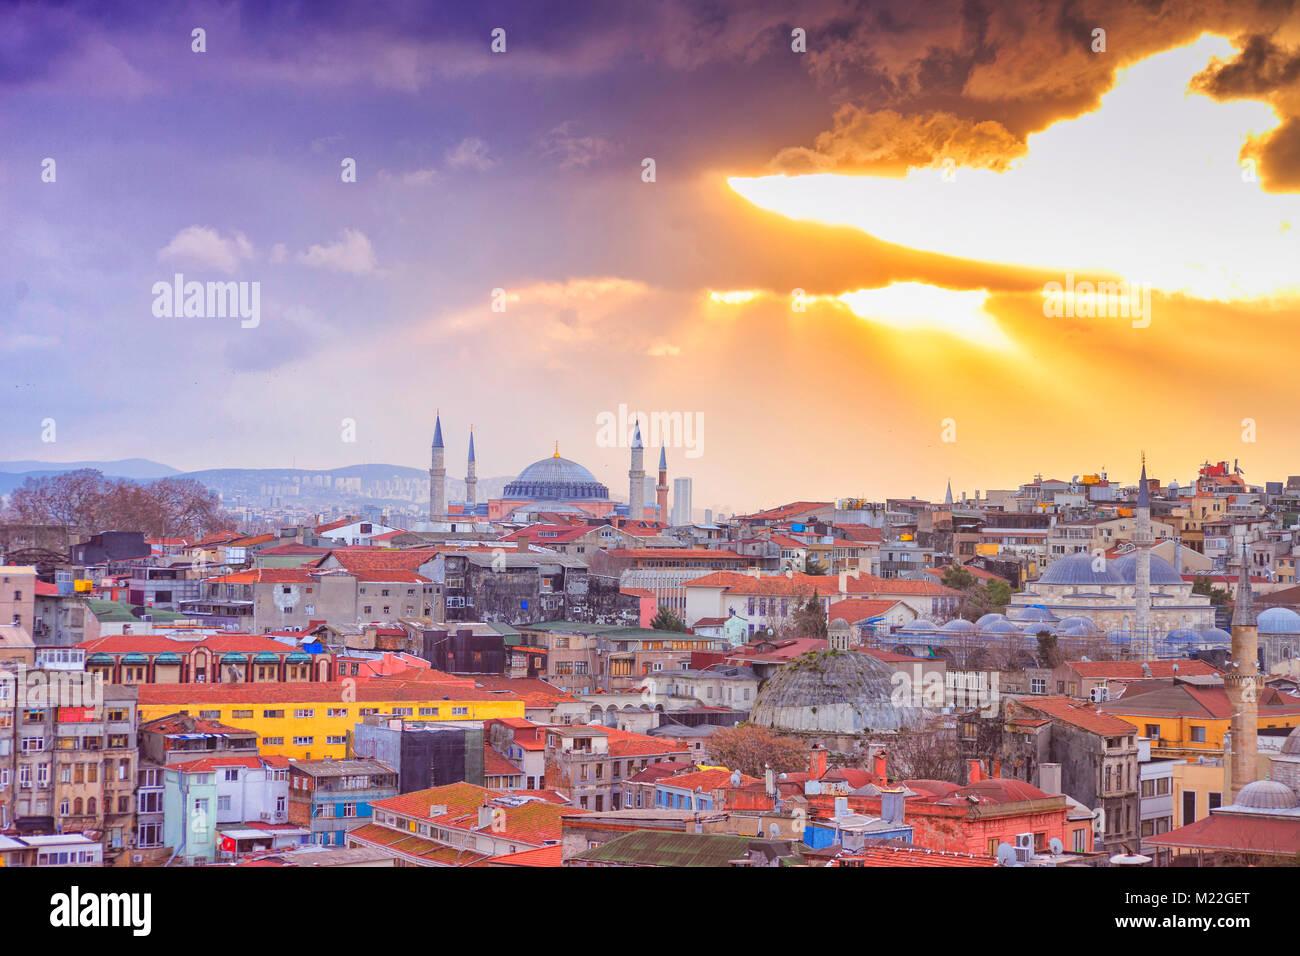 Estambul, vista desde la parte superior del techo que colocan inner city Imagen De Stock